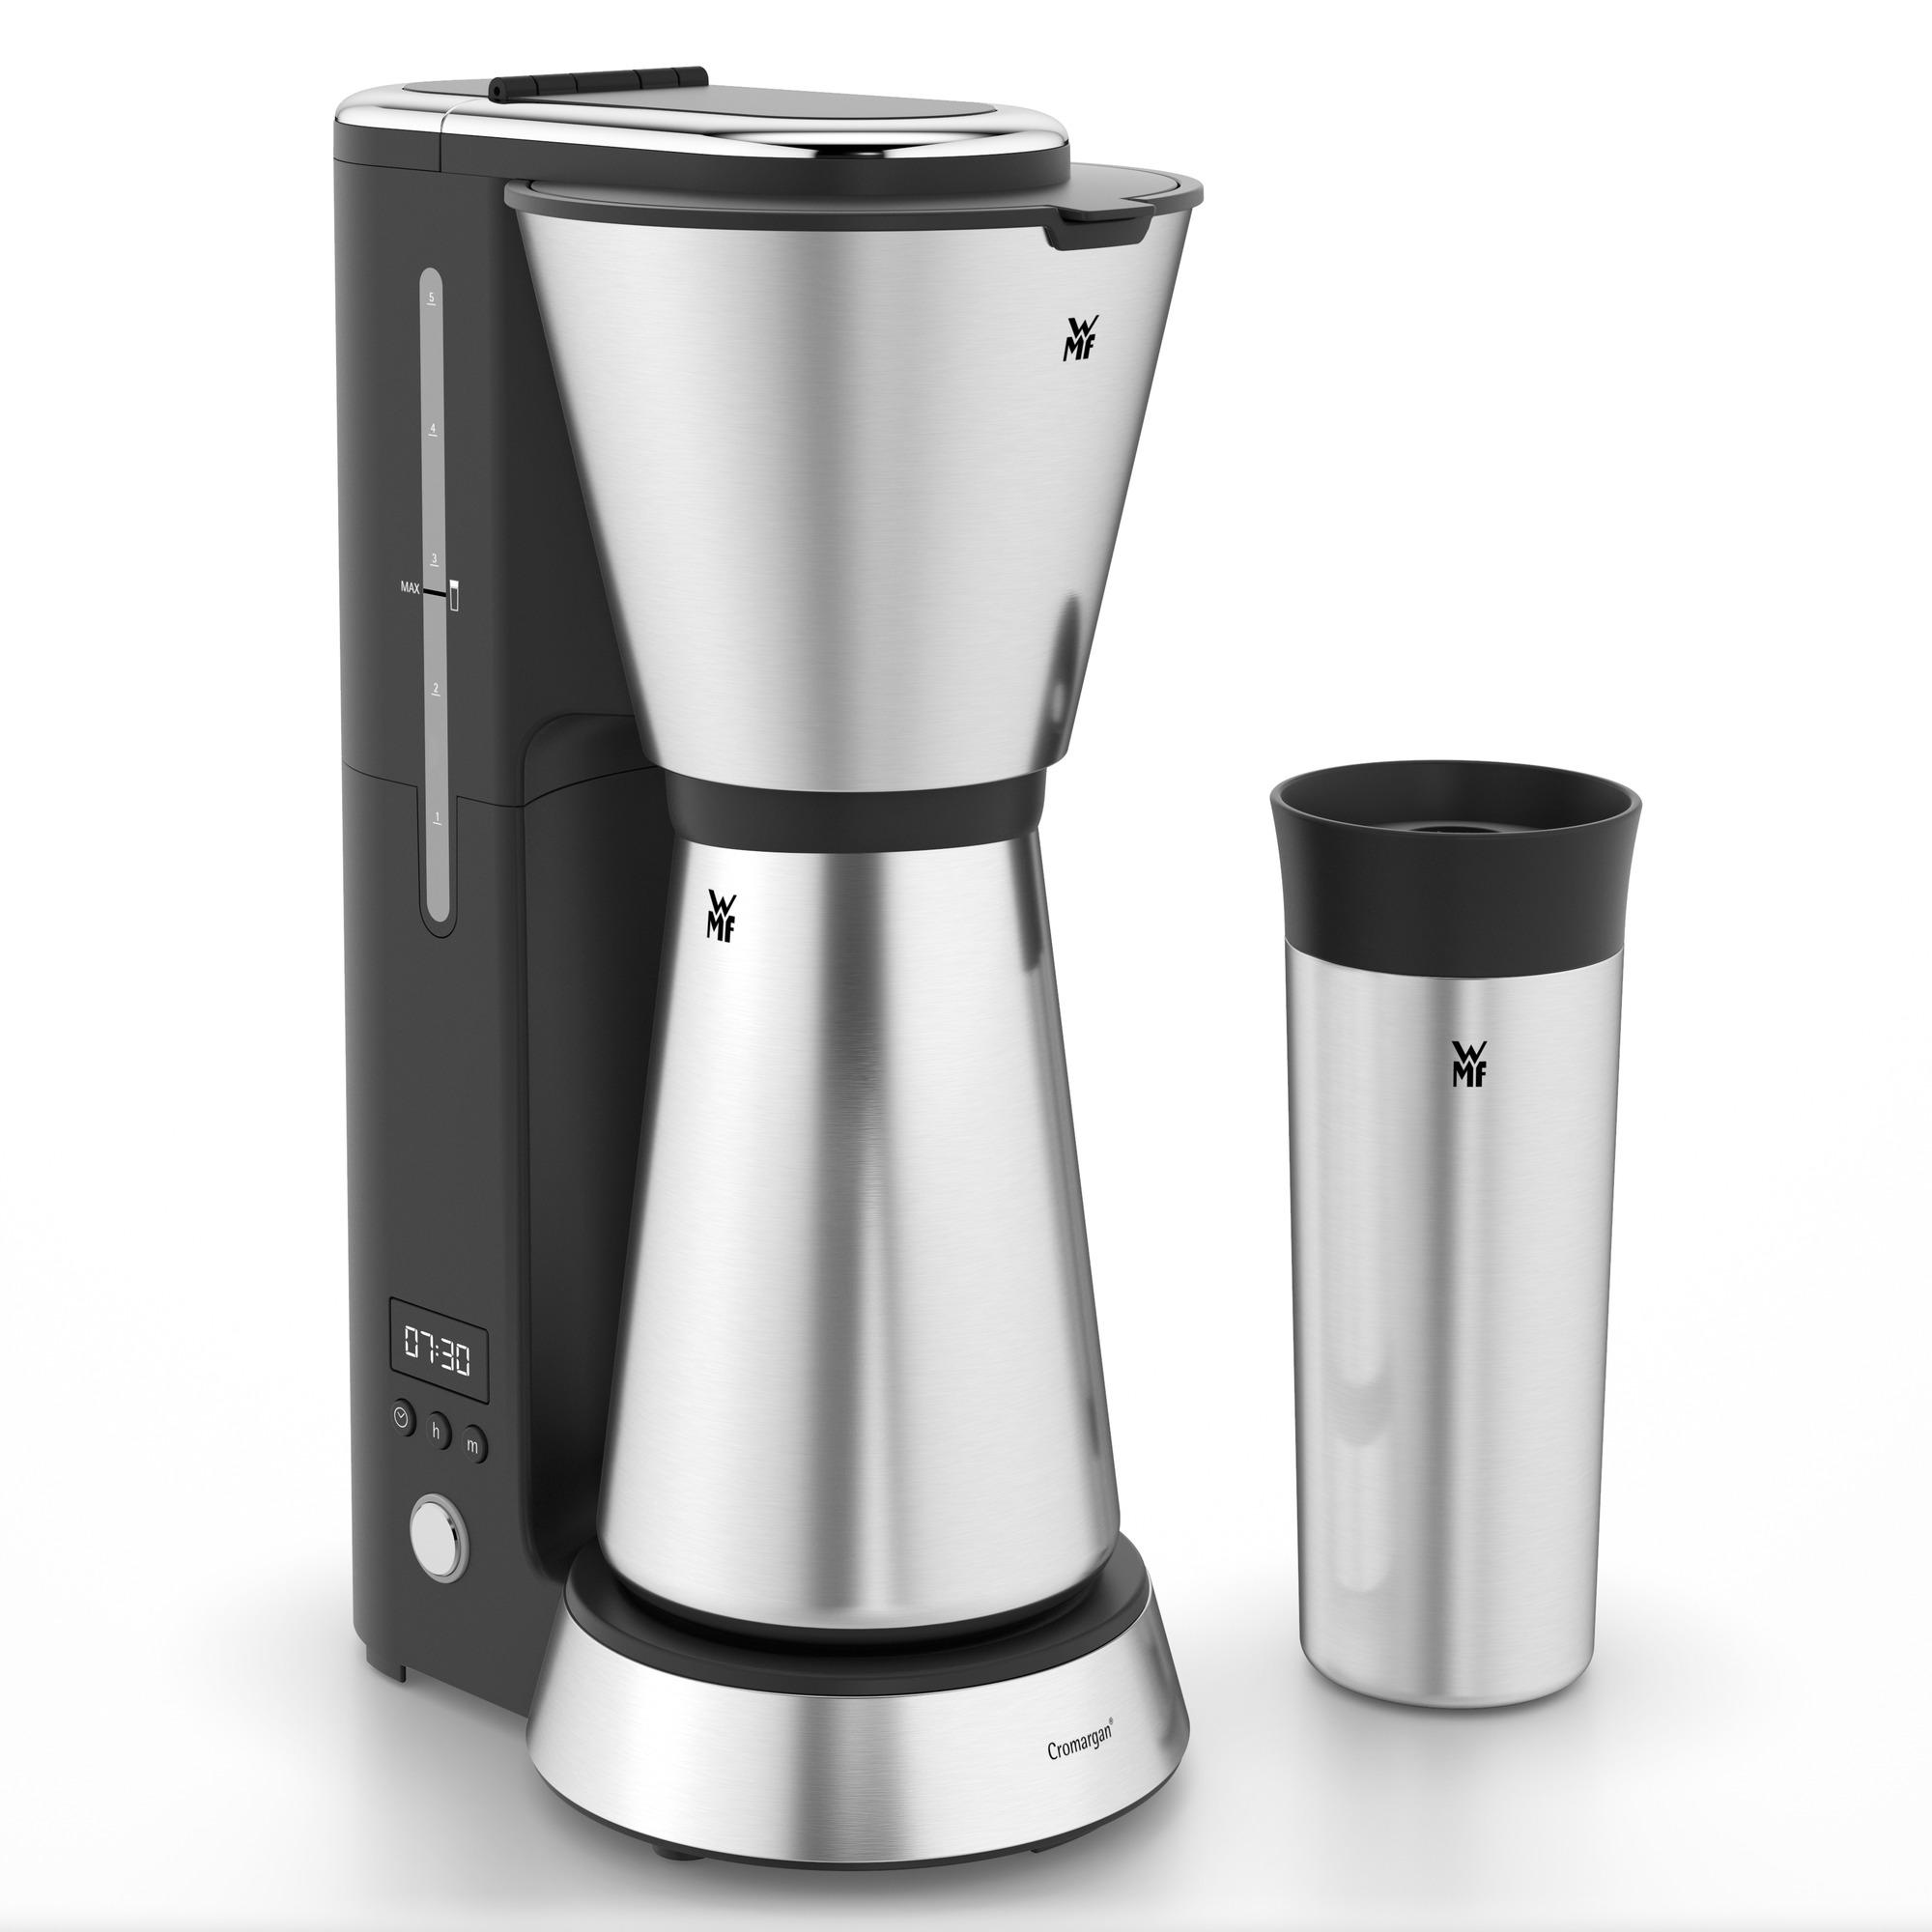 WMF KITCHENminisⓇ Filtre Kahve Makinesi - Termos Karaf, Metal